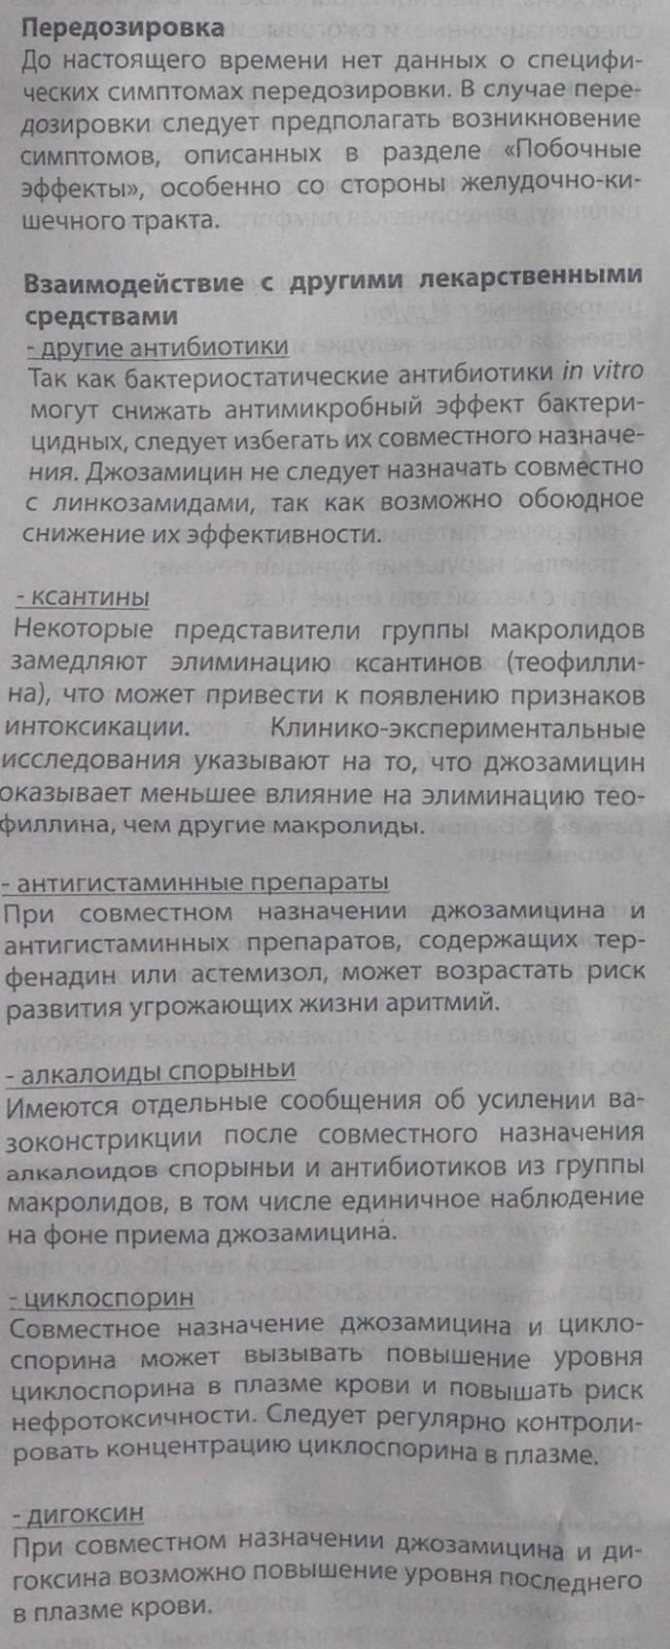 Вильпрафен при беременности: инструкция по применению в 1, 2, 3 триместрах   konstruktor-diety.ru